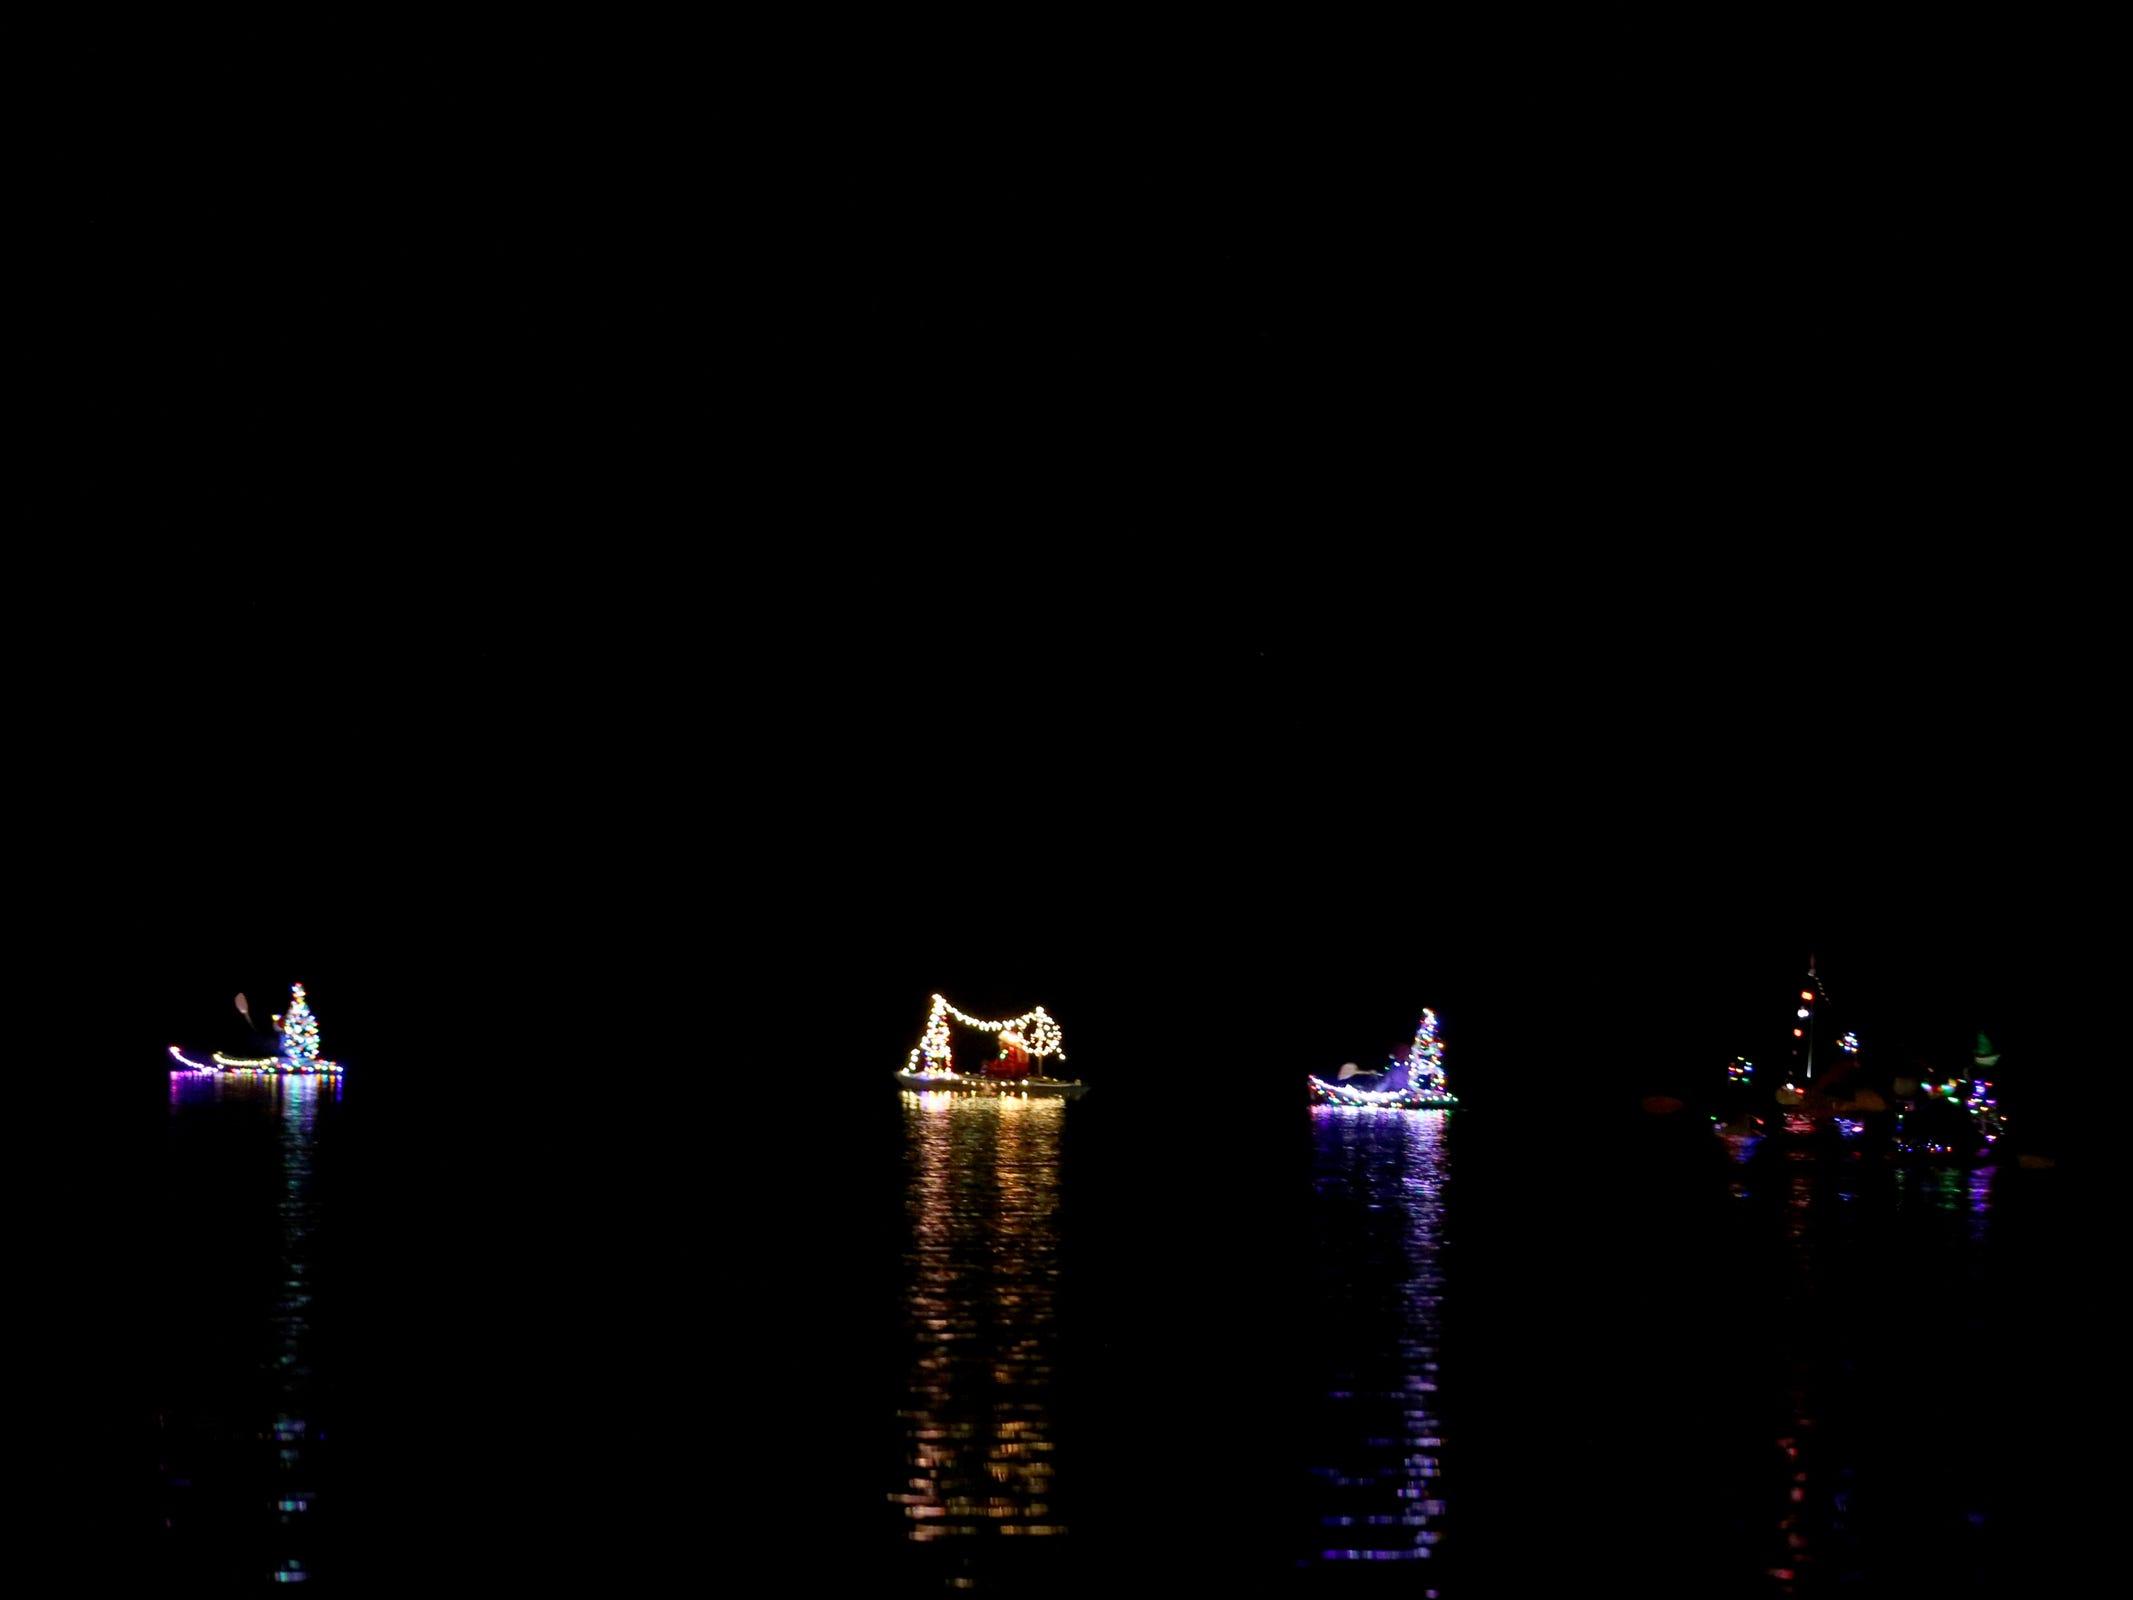 The 14th annual Winter Solstice Illuminata Regatta on the Willamette River at Riverfront Park in Salem on Saturday, Dec. 15, 2018.